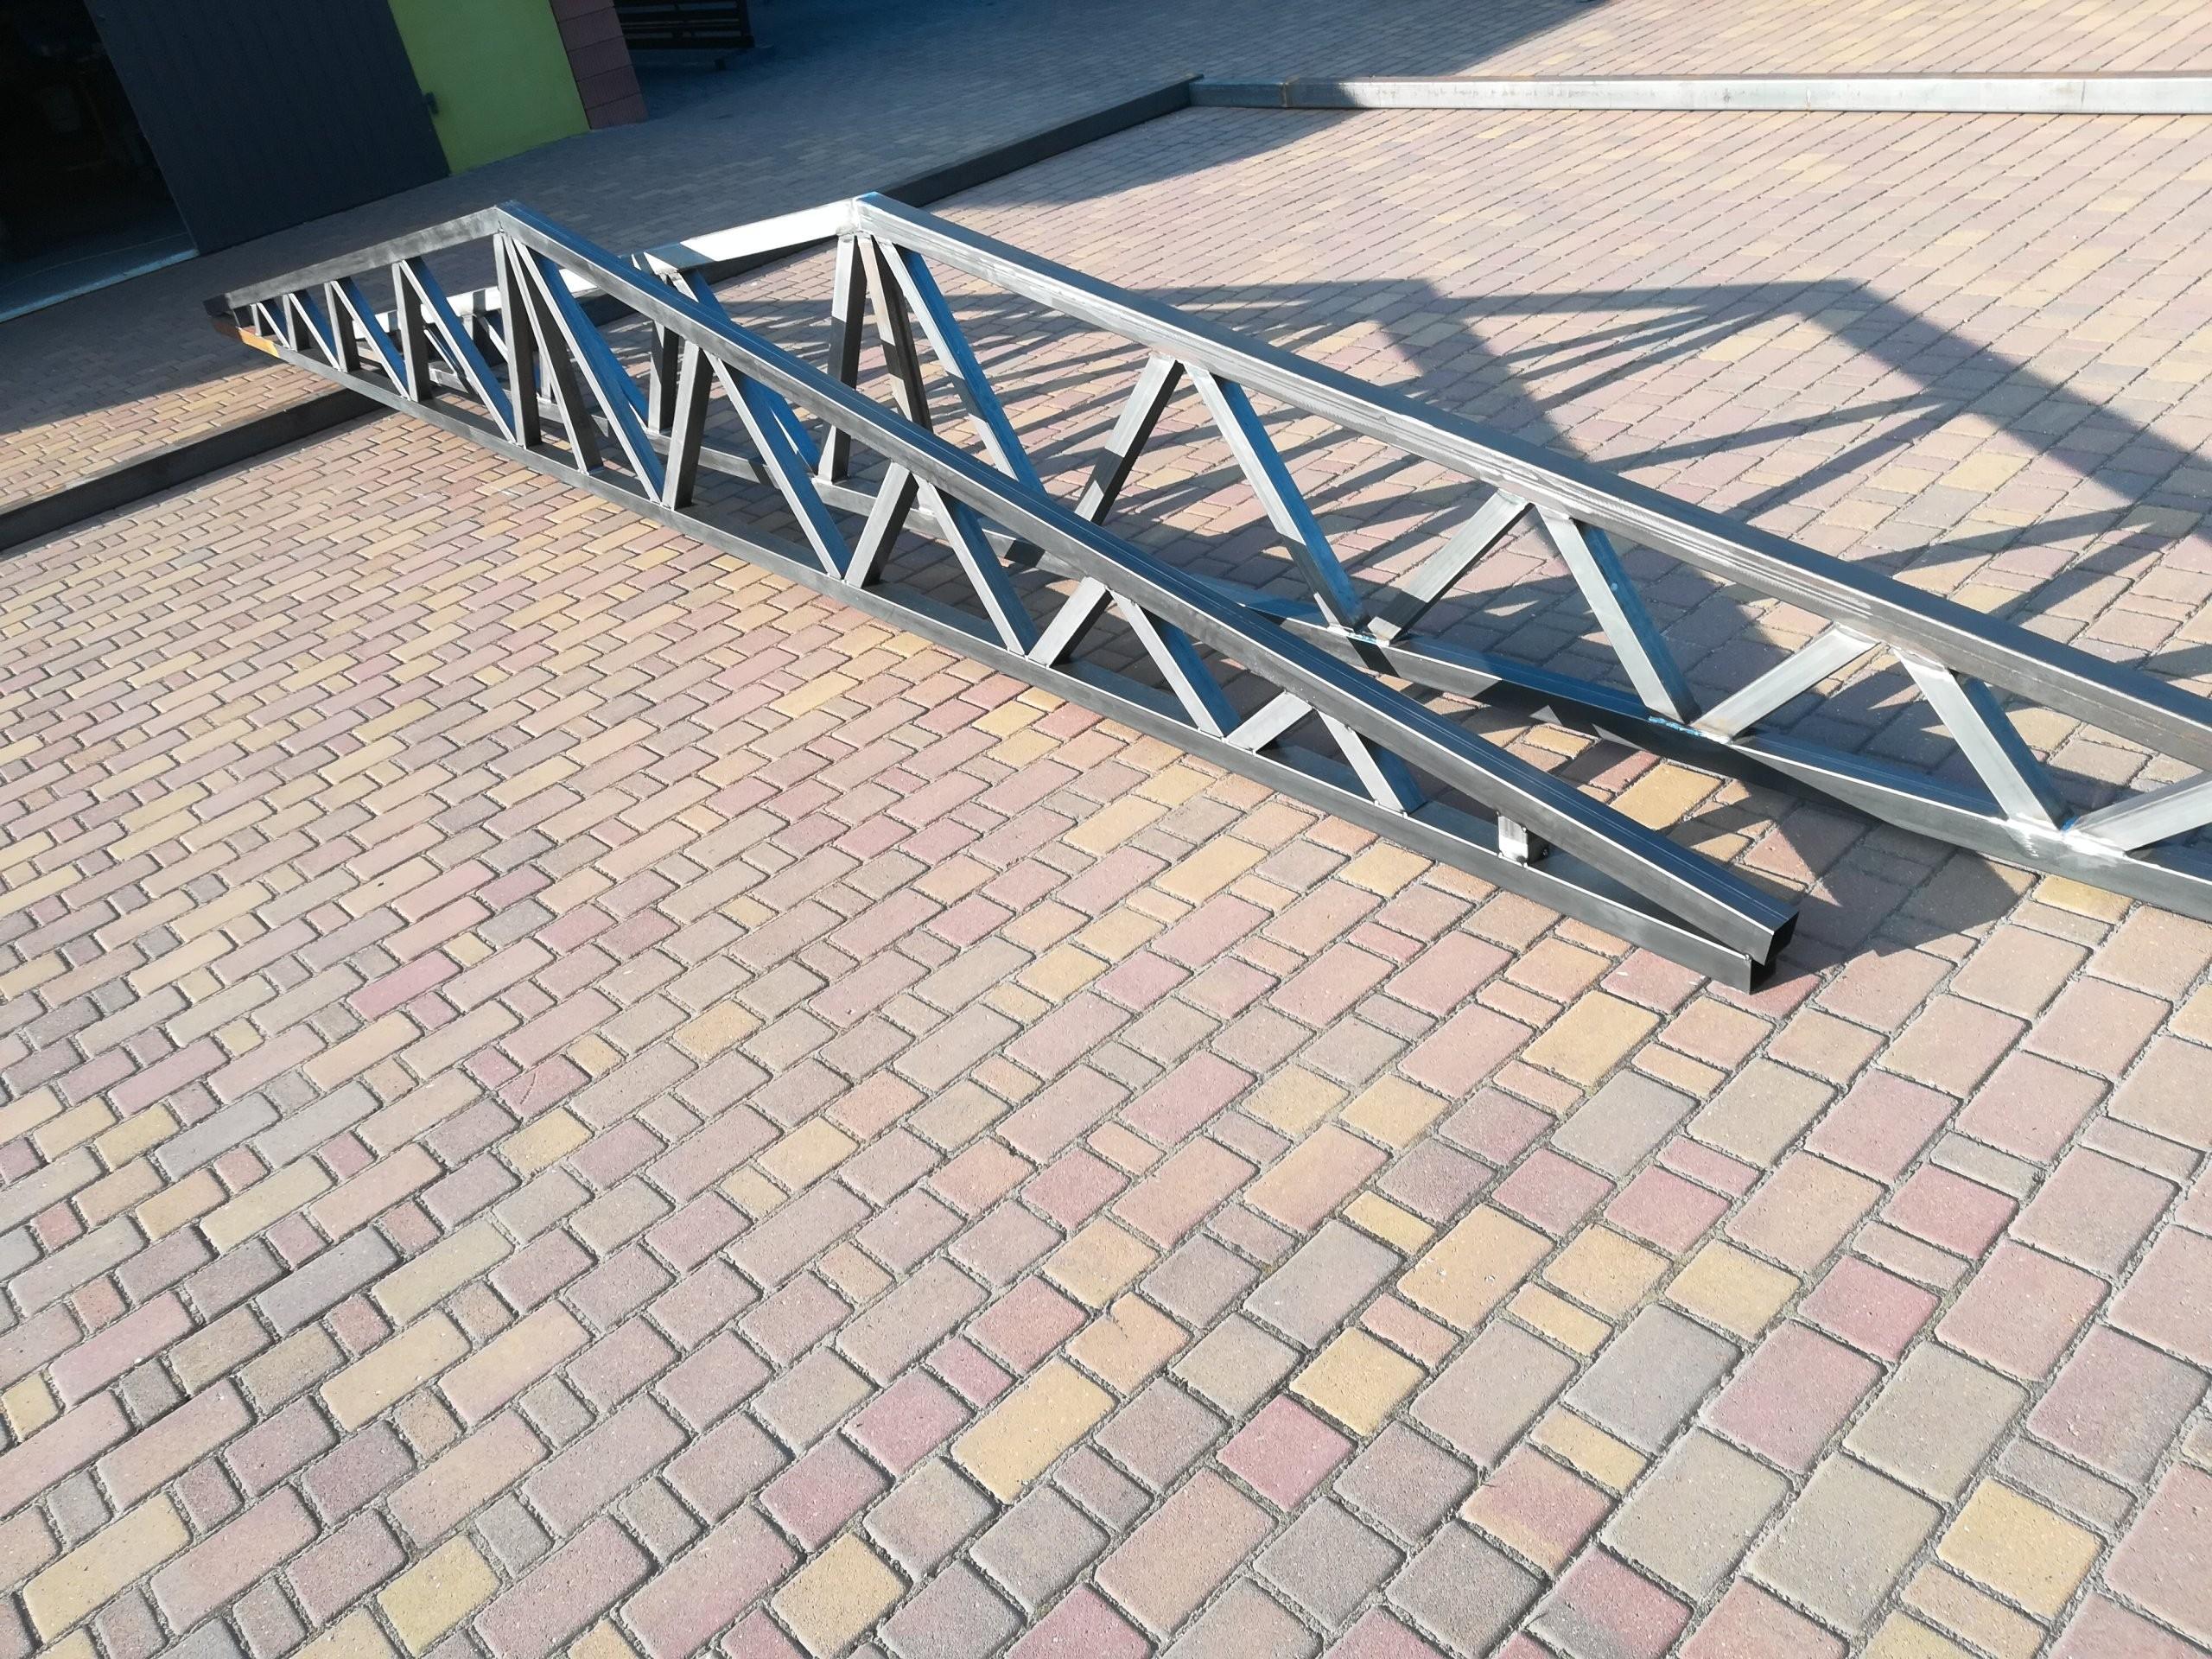 W superbly 6M Konstrukcja Dachowa Stalowa Kratownica Hale - 7394867301 JI86